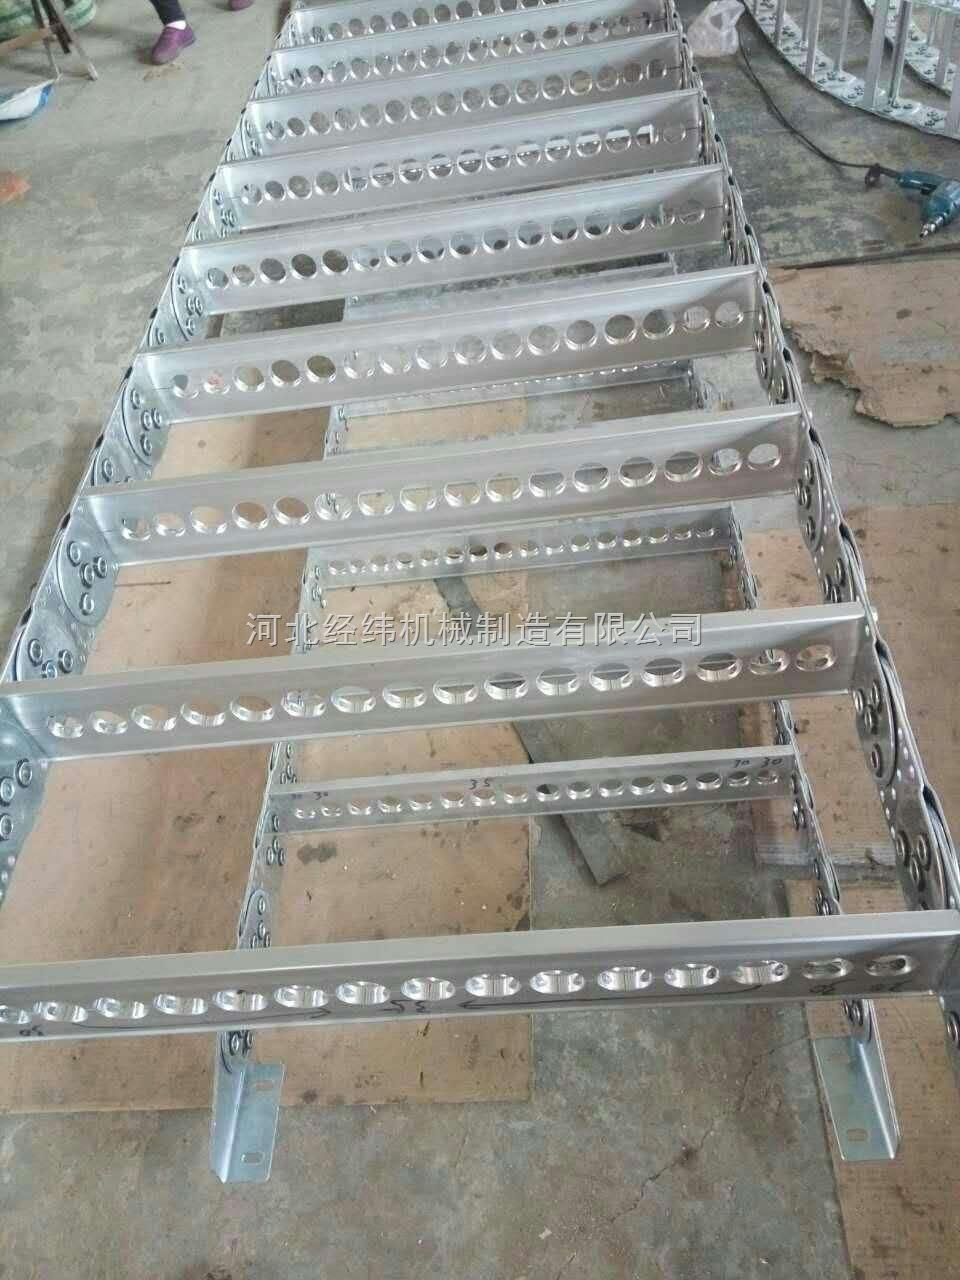 各种机械设备地电缆保护专用打孔式钢制拖链